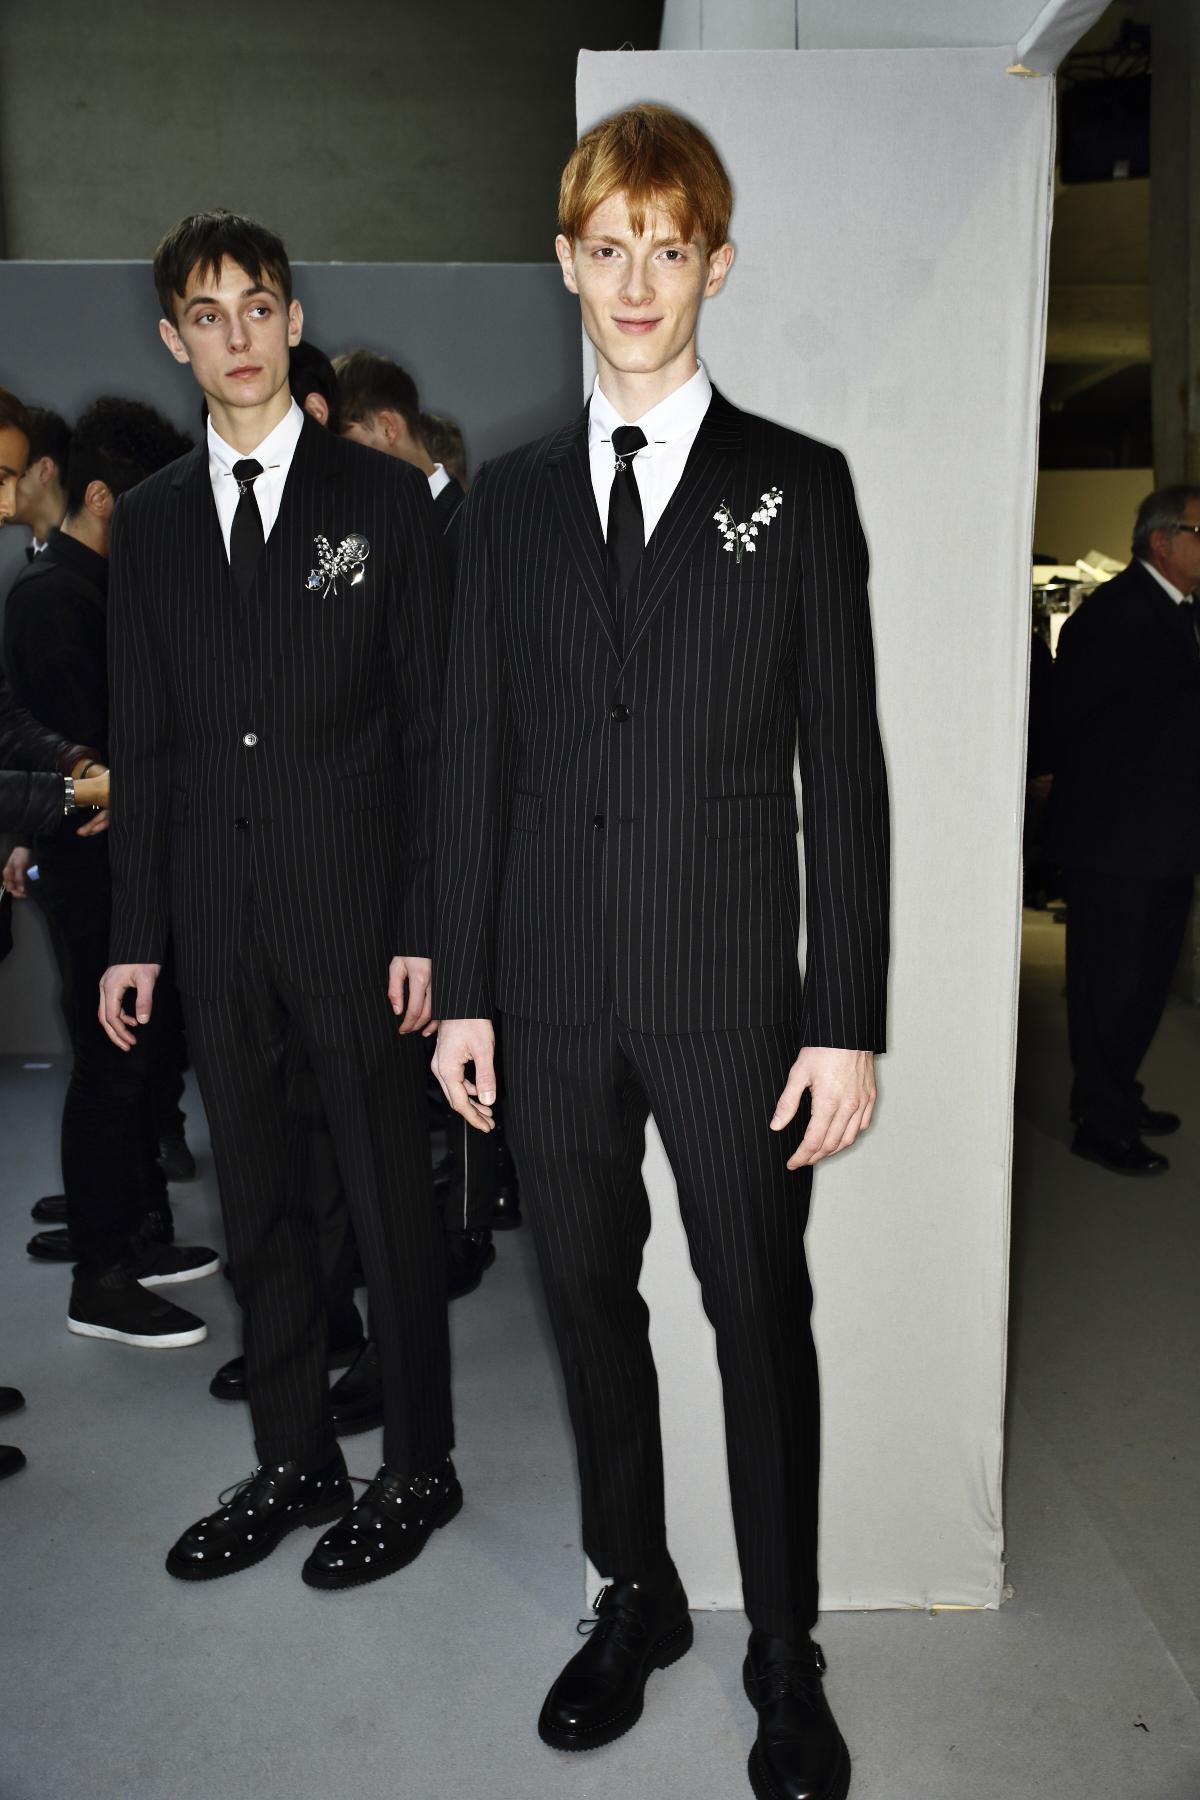 Sonny Vandevelde - DIor Homme AW14-15 Fashion Show Paris Backstage 1b61f8e07c7d